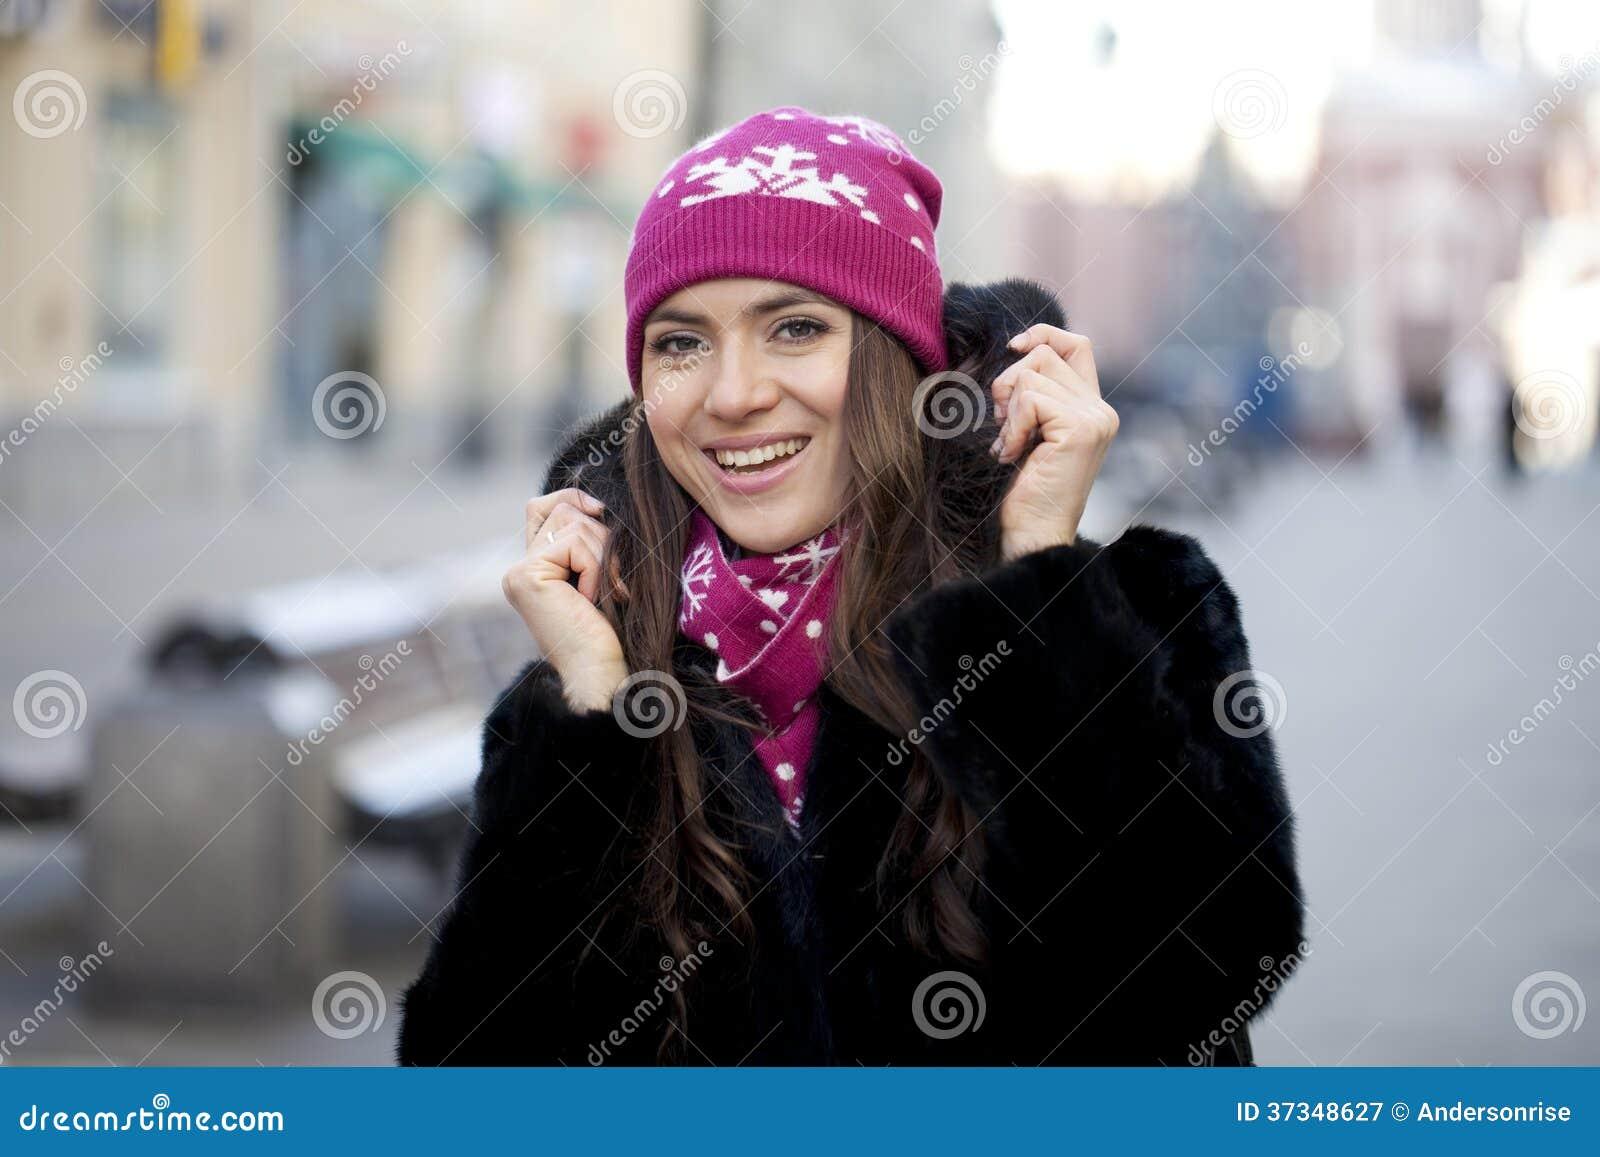 Ευτυχής νέα γυναίκα σε ένα υπόβαθρο μιας χειμερινής πόλης